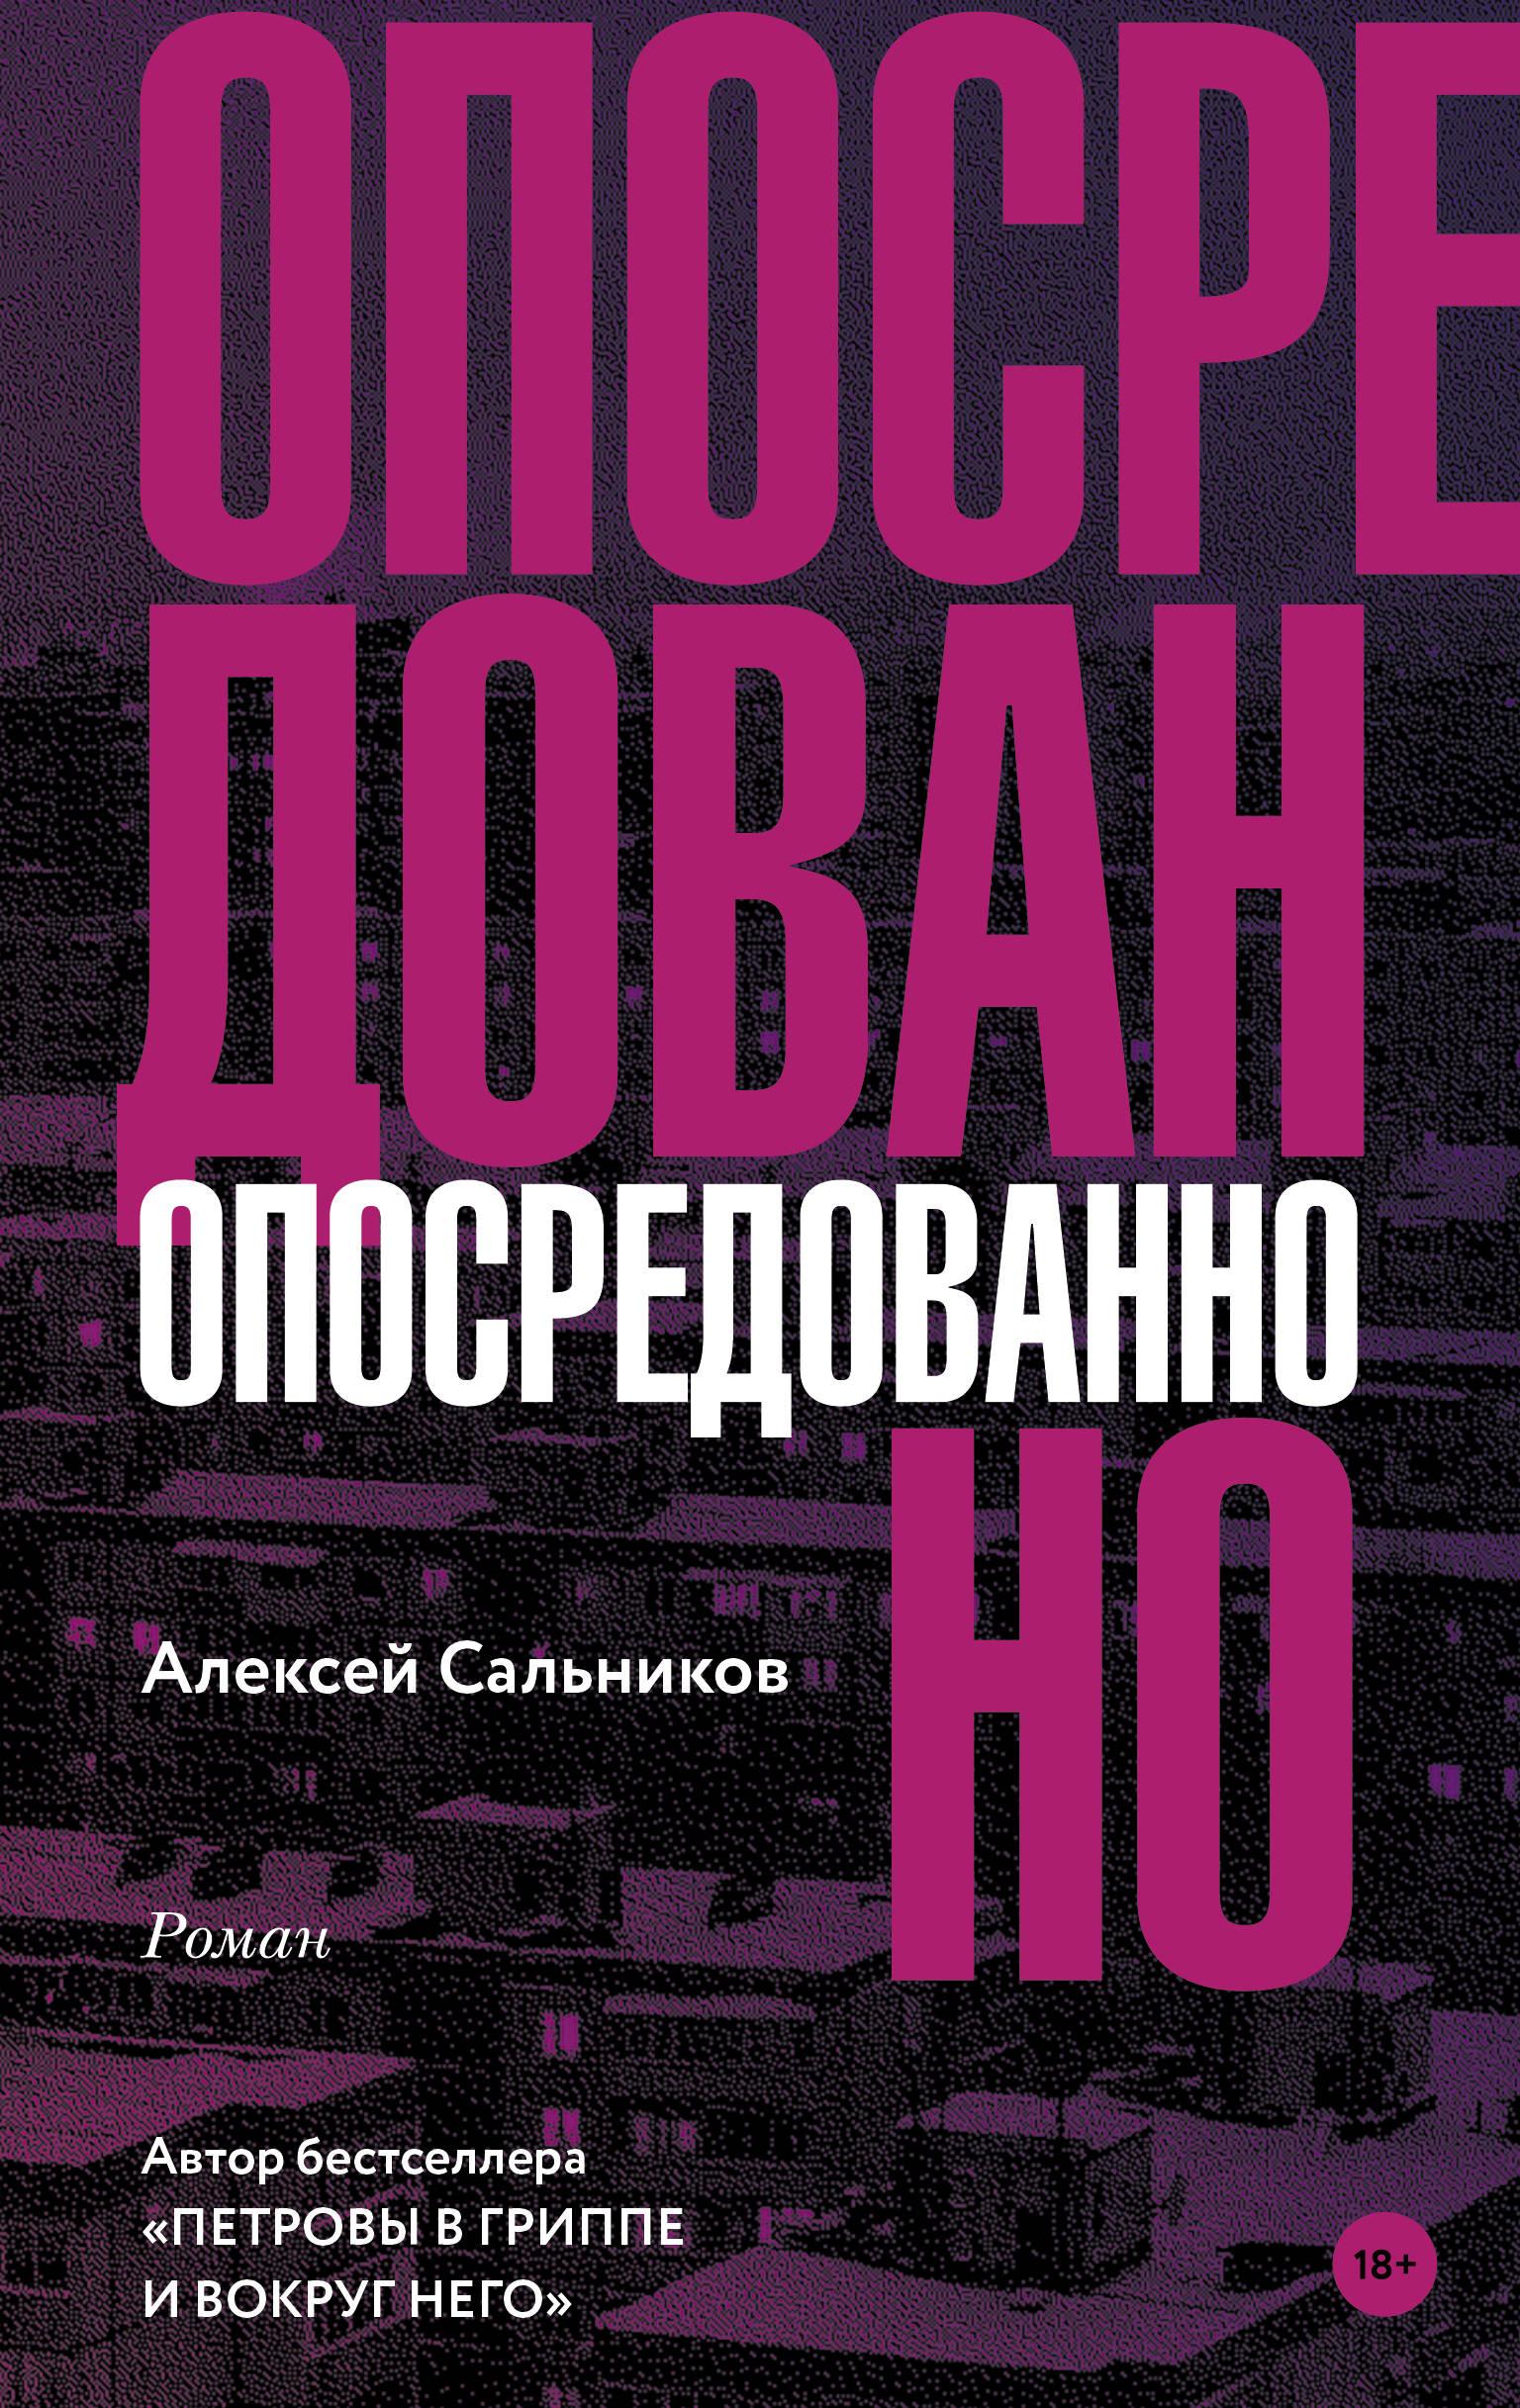 Опосредованно. Алексей Сальников